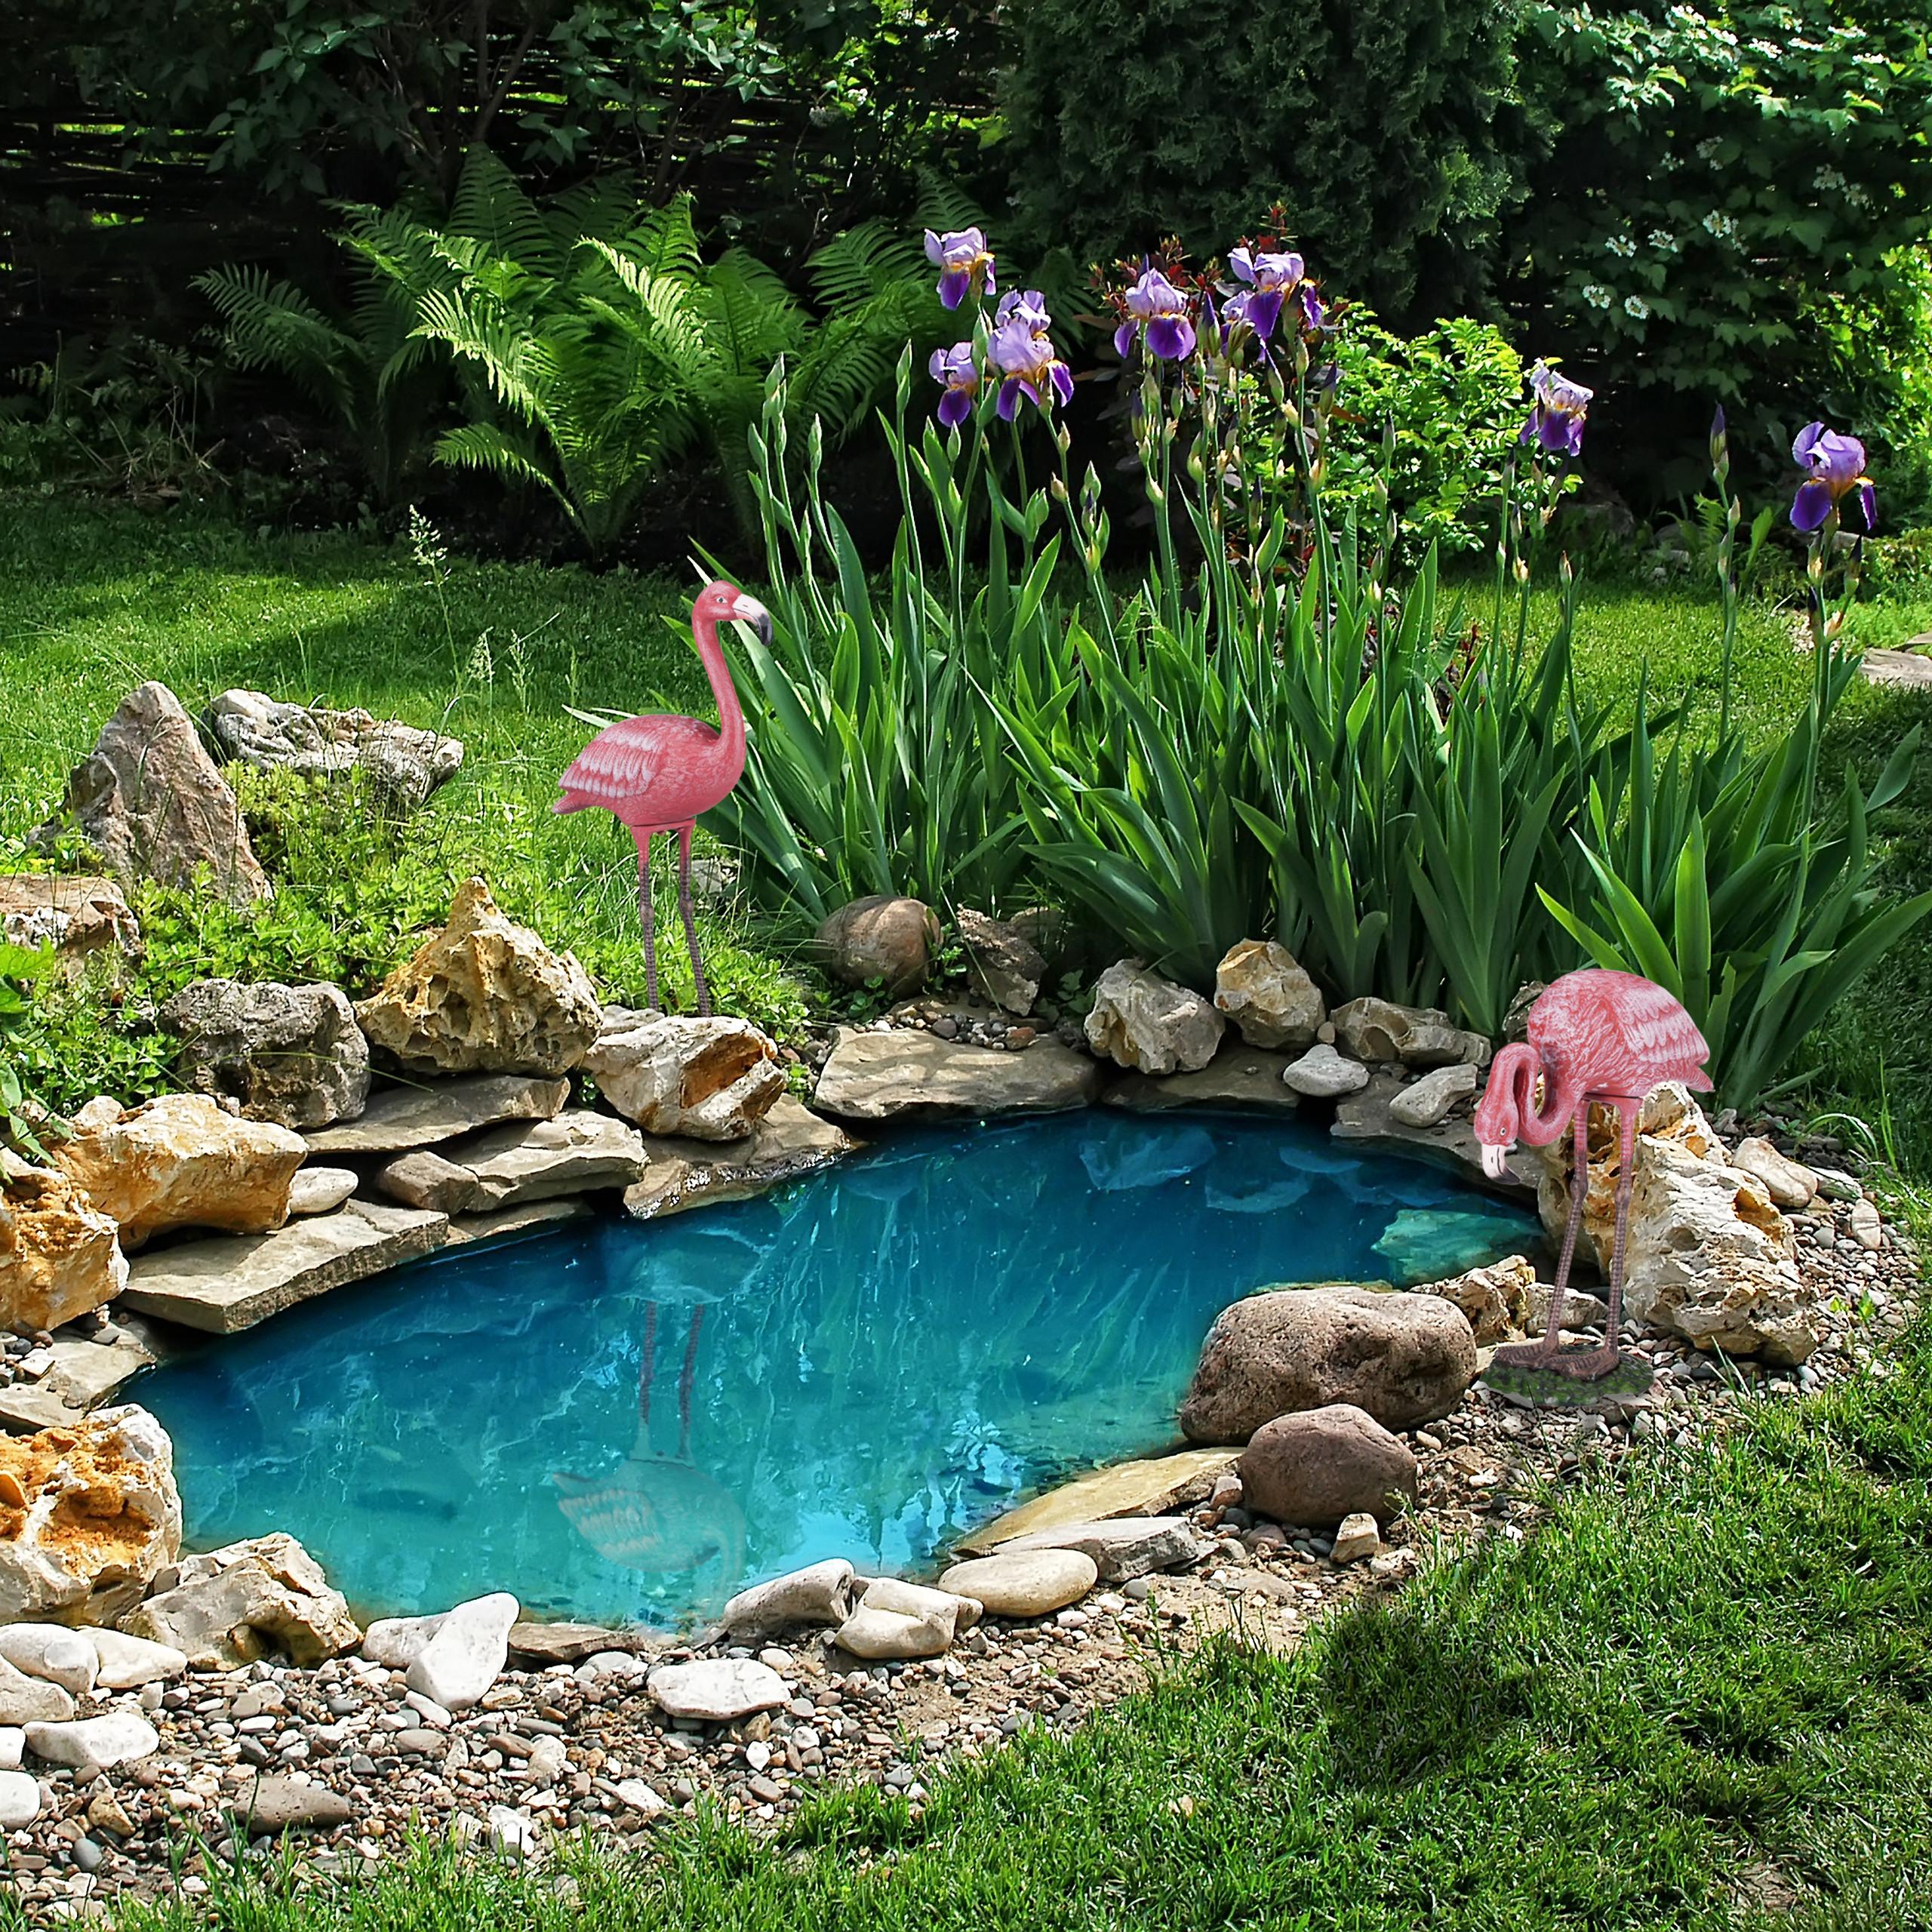 Gartendeko Metall Gartenfigur groß Dekofigur Flamingo Metallfigur Garten pink